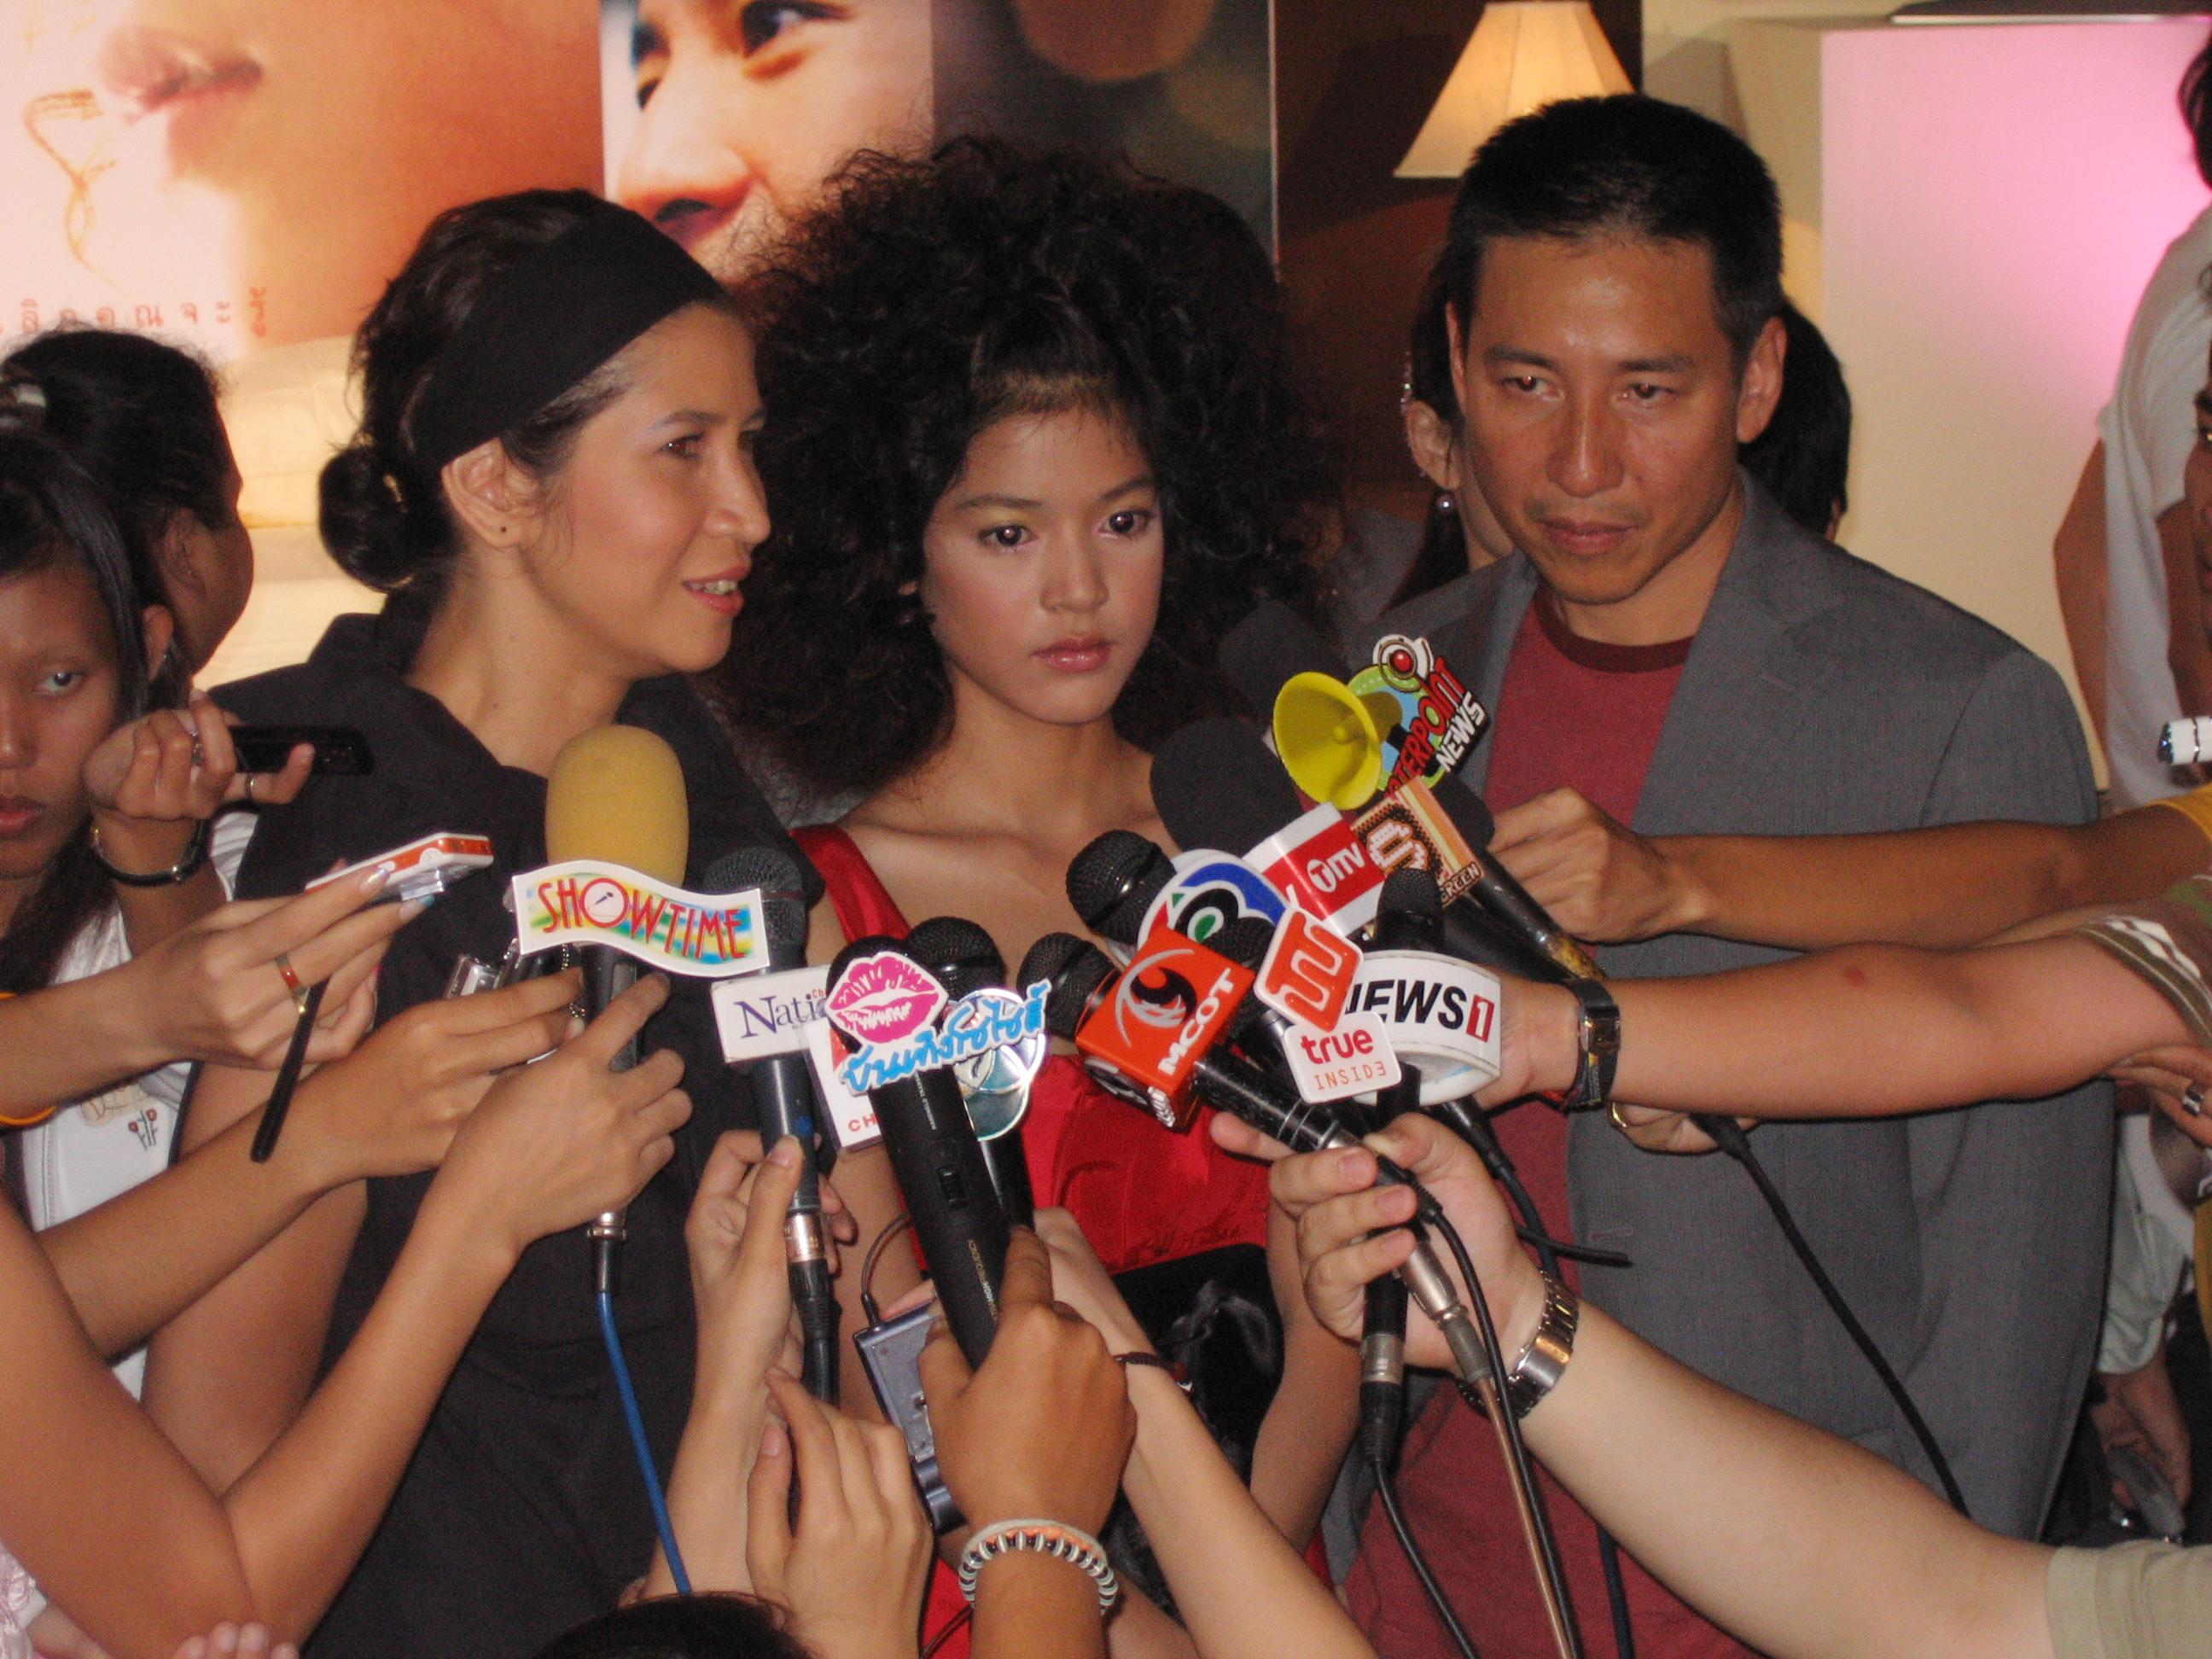 free pornografi lalita thai